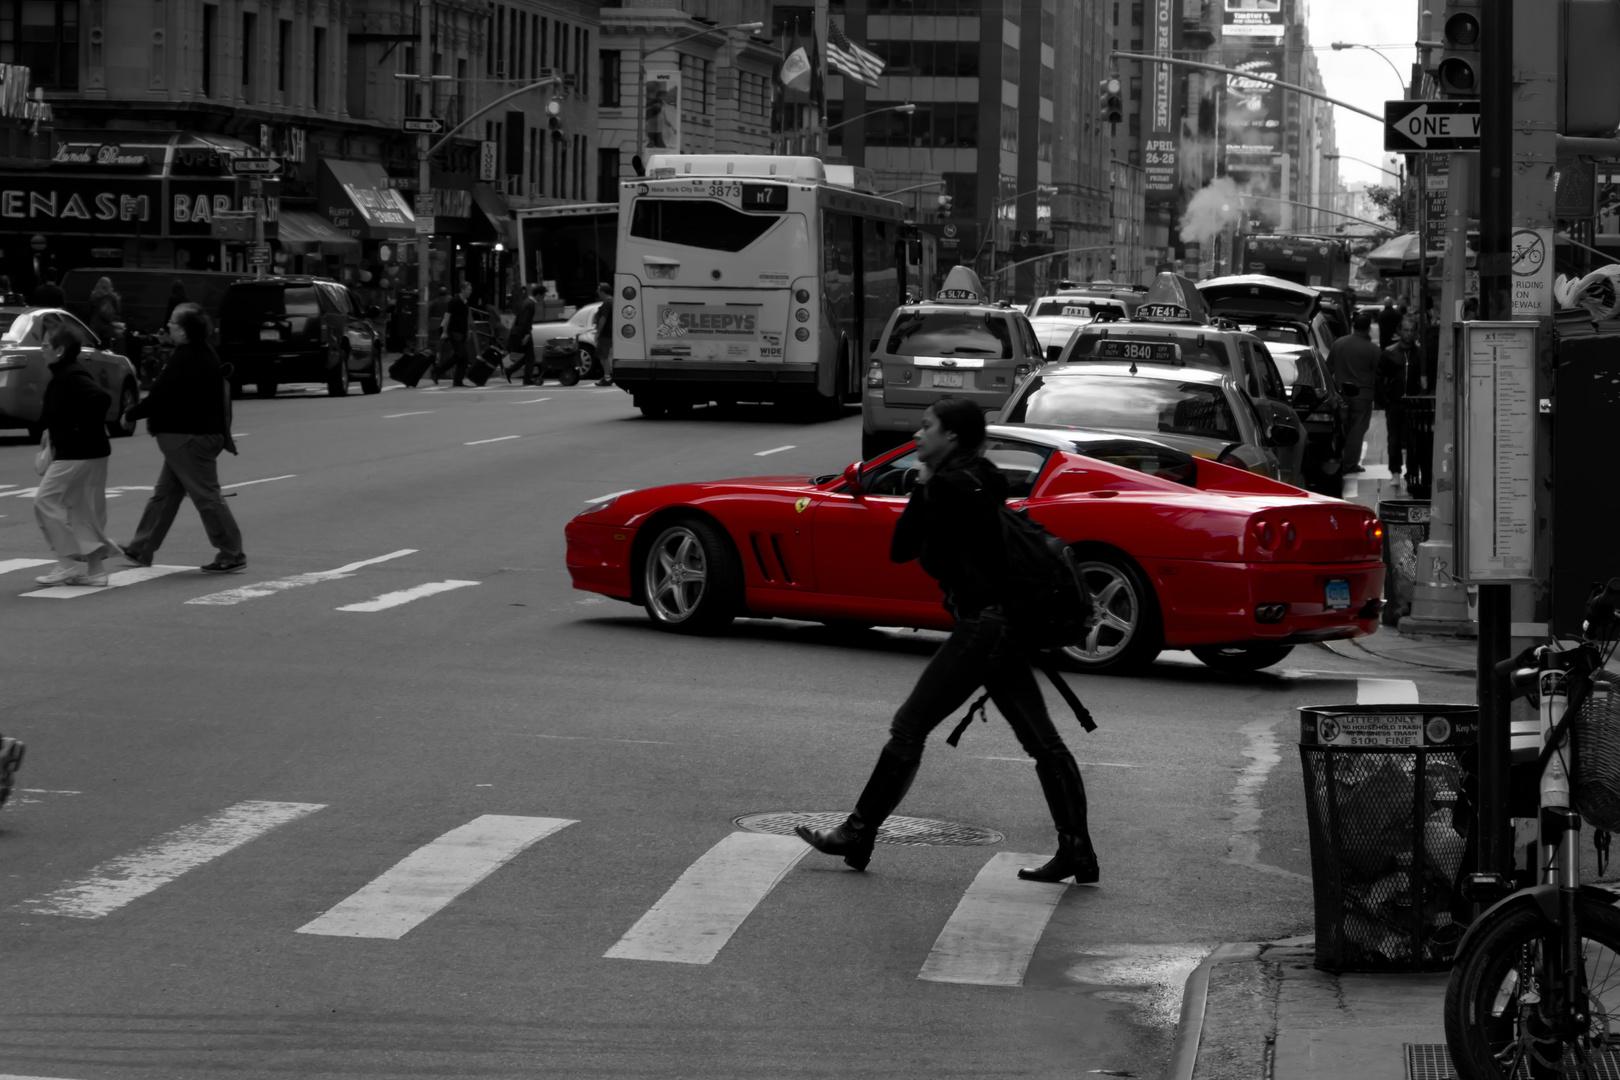 Fußgänger gegen Ferrari